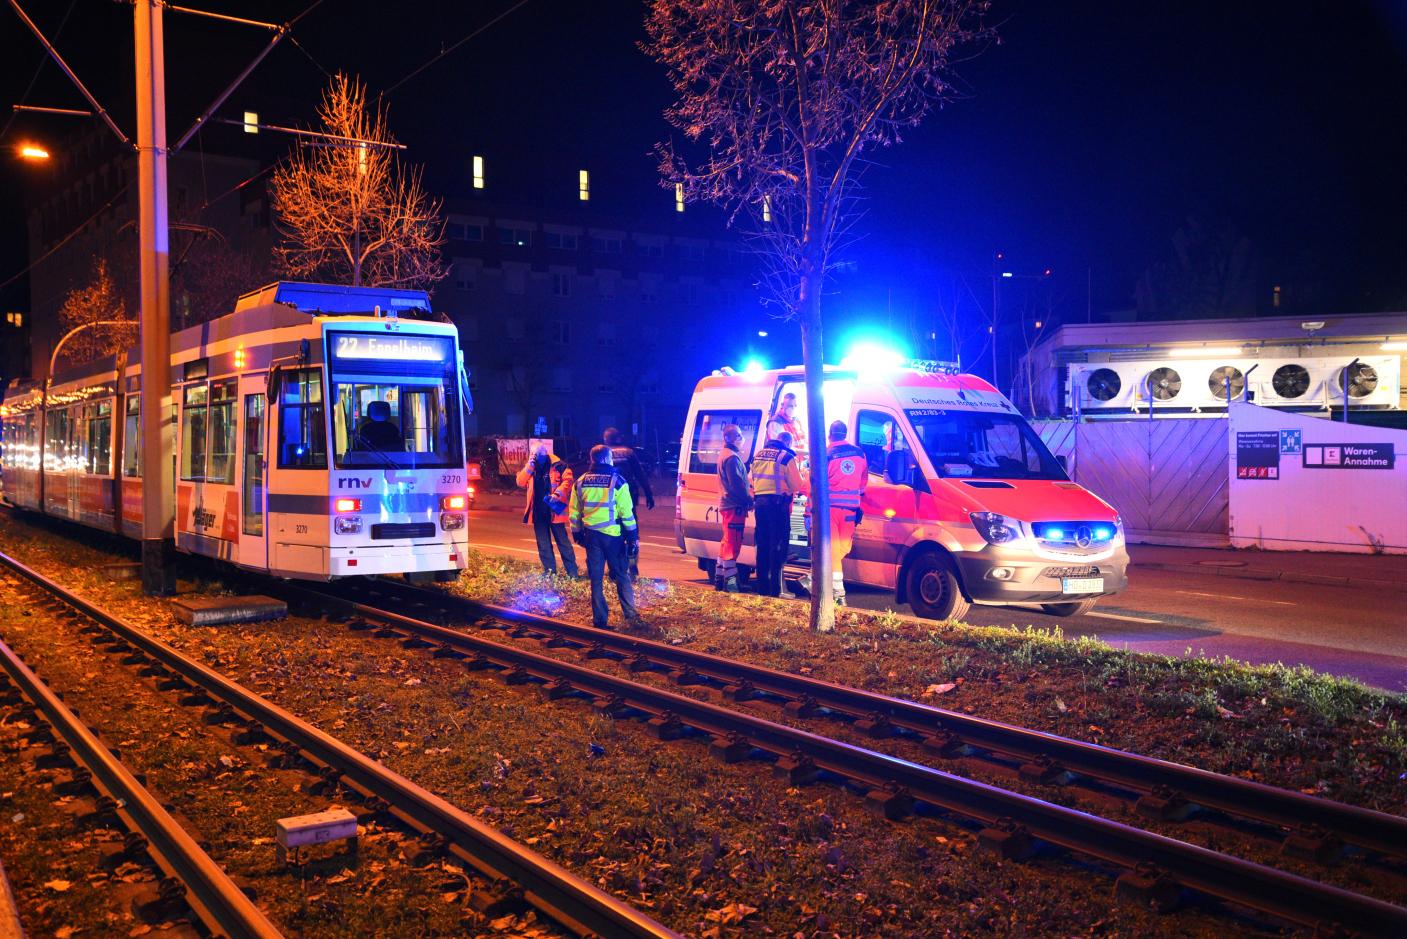 Heidelberg: Fußgänger von Straßenbahn erfasst und schwer verletzt